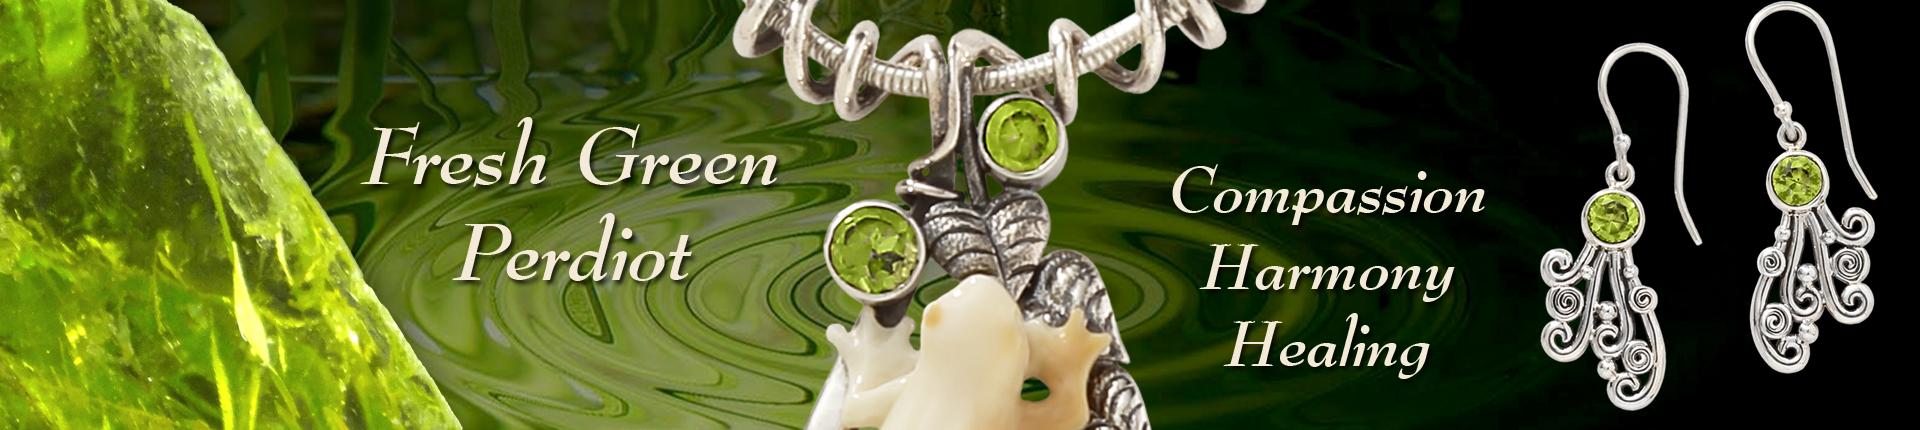 Zealandia peridot jewelry